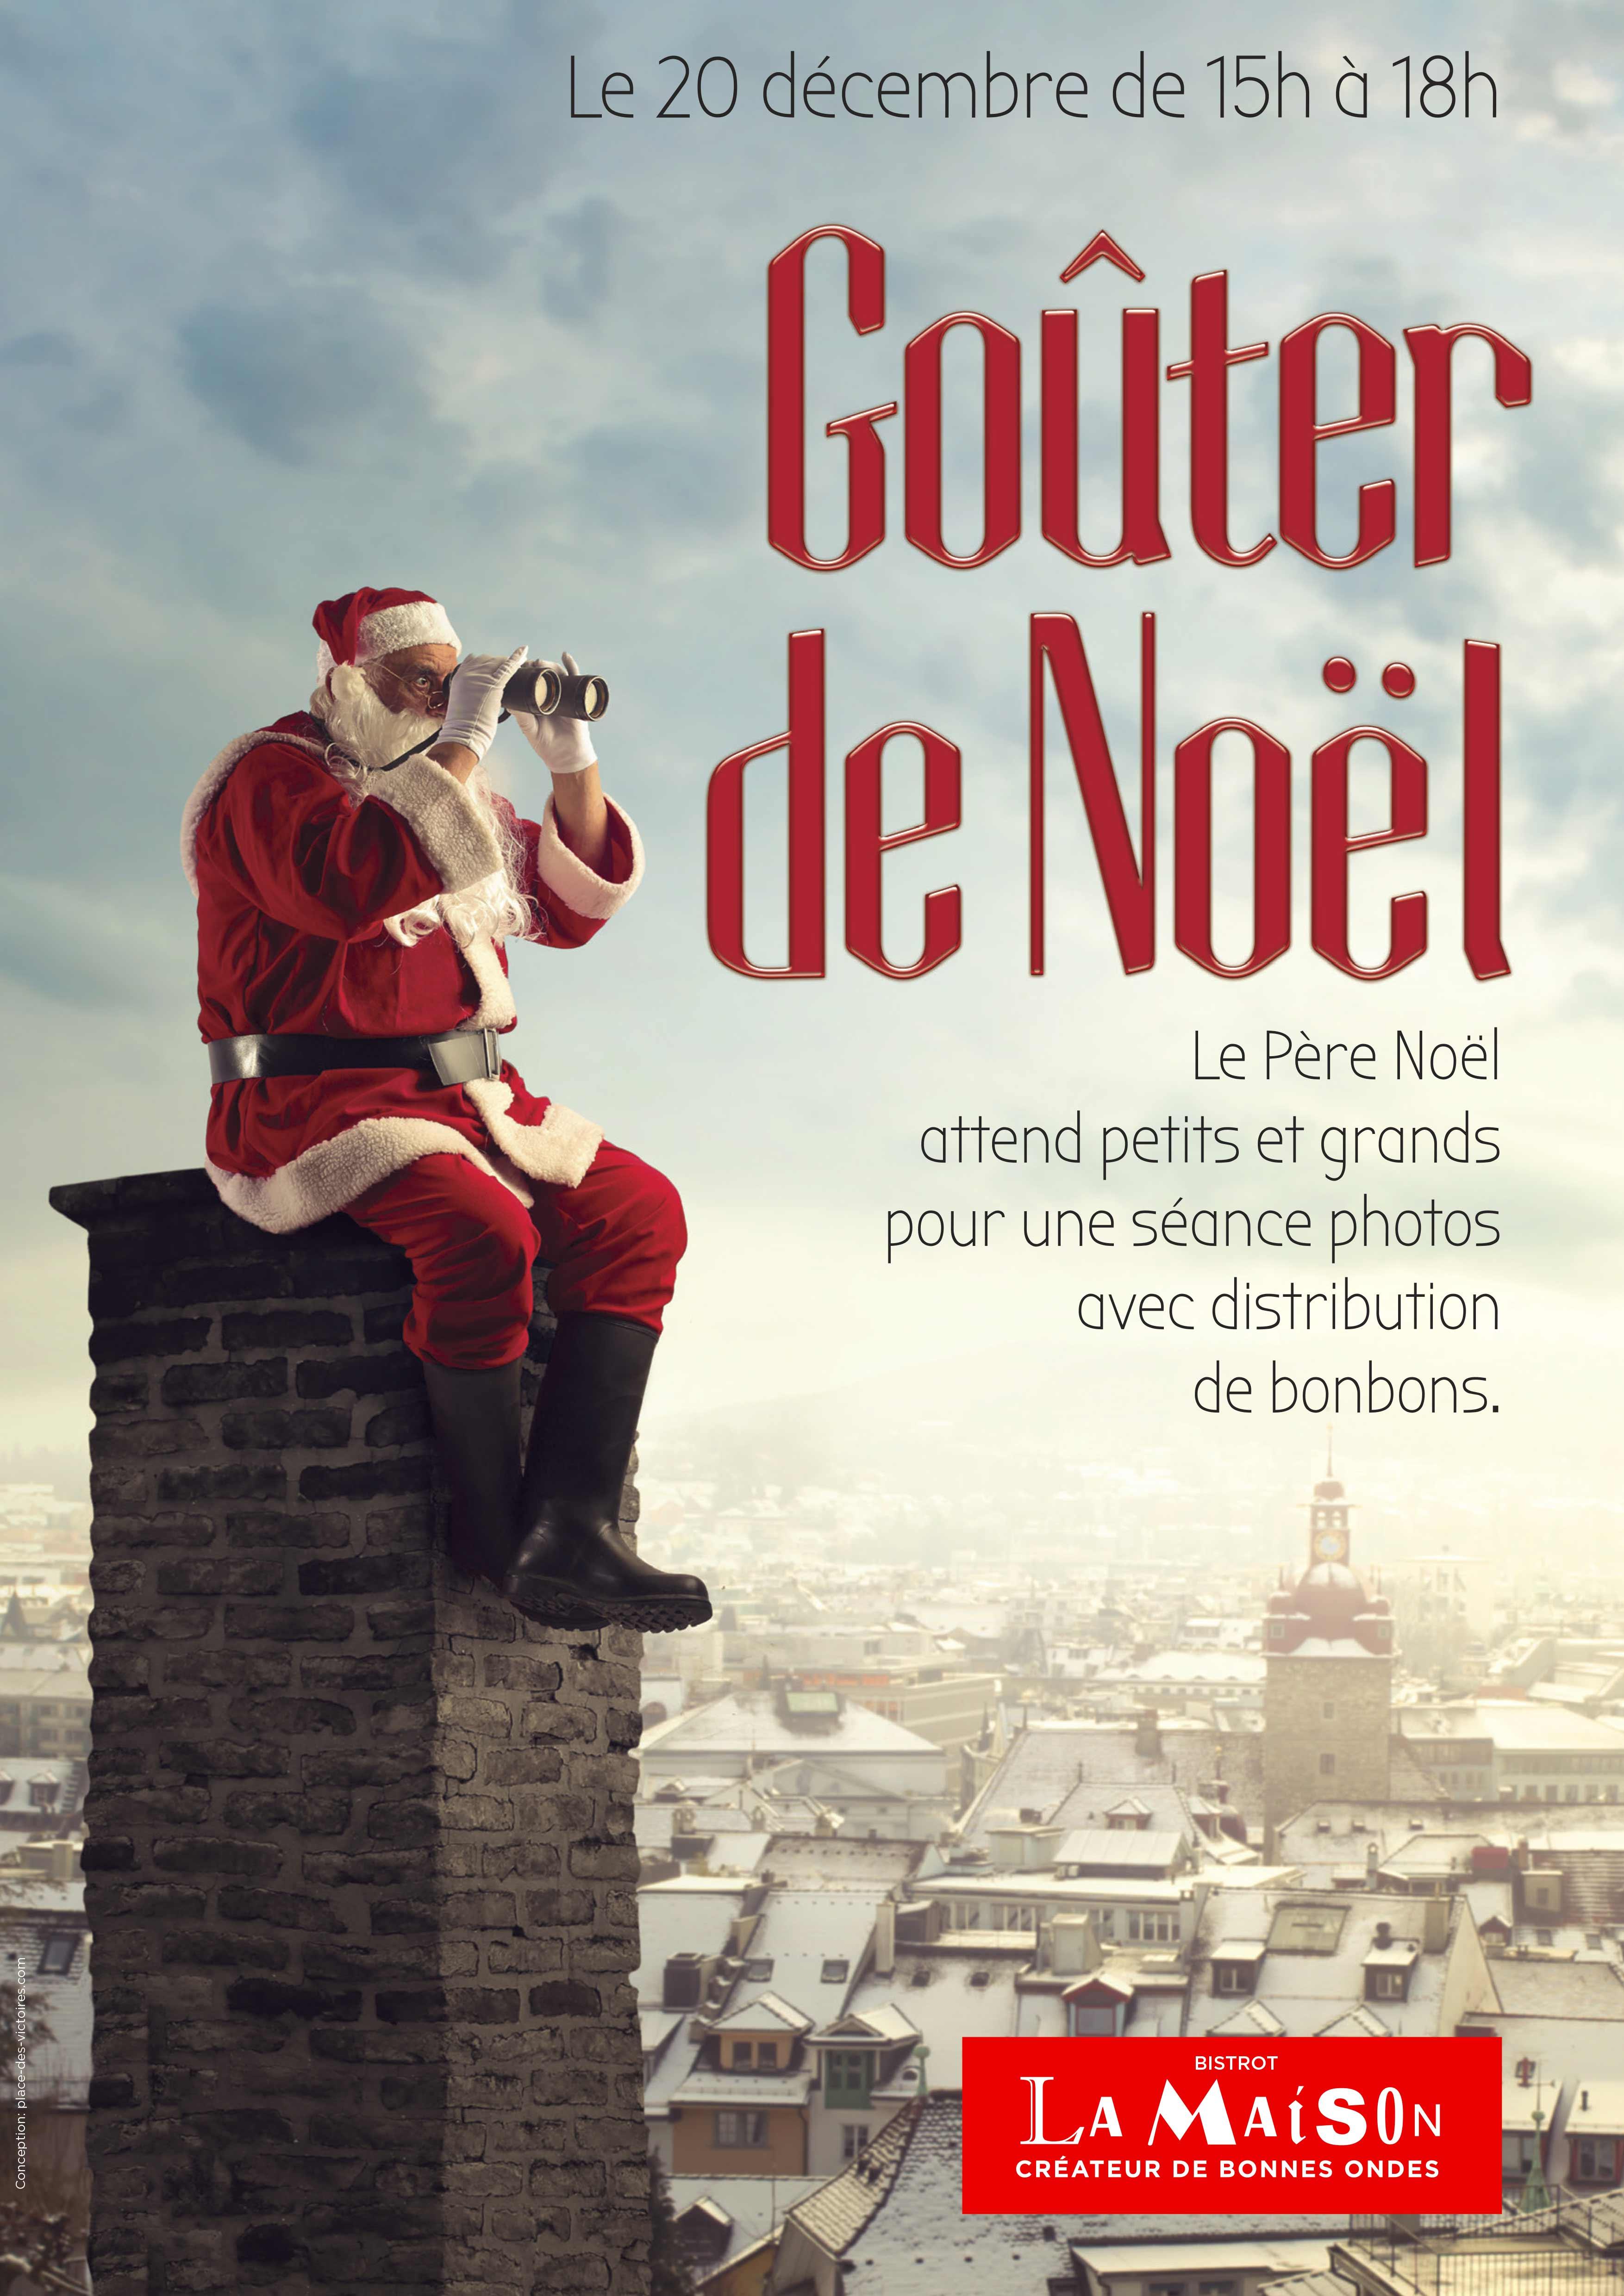 Place des Victoires Communication - Bistrot La Maison - PLV Affiche Noël